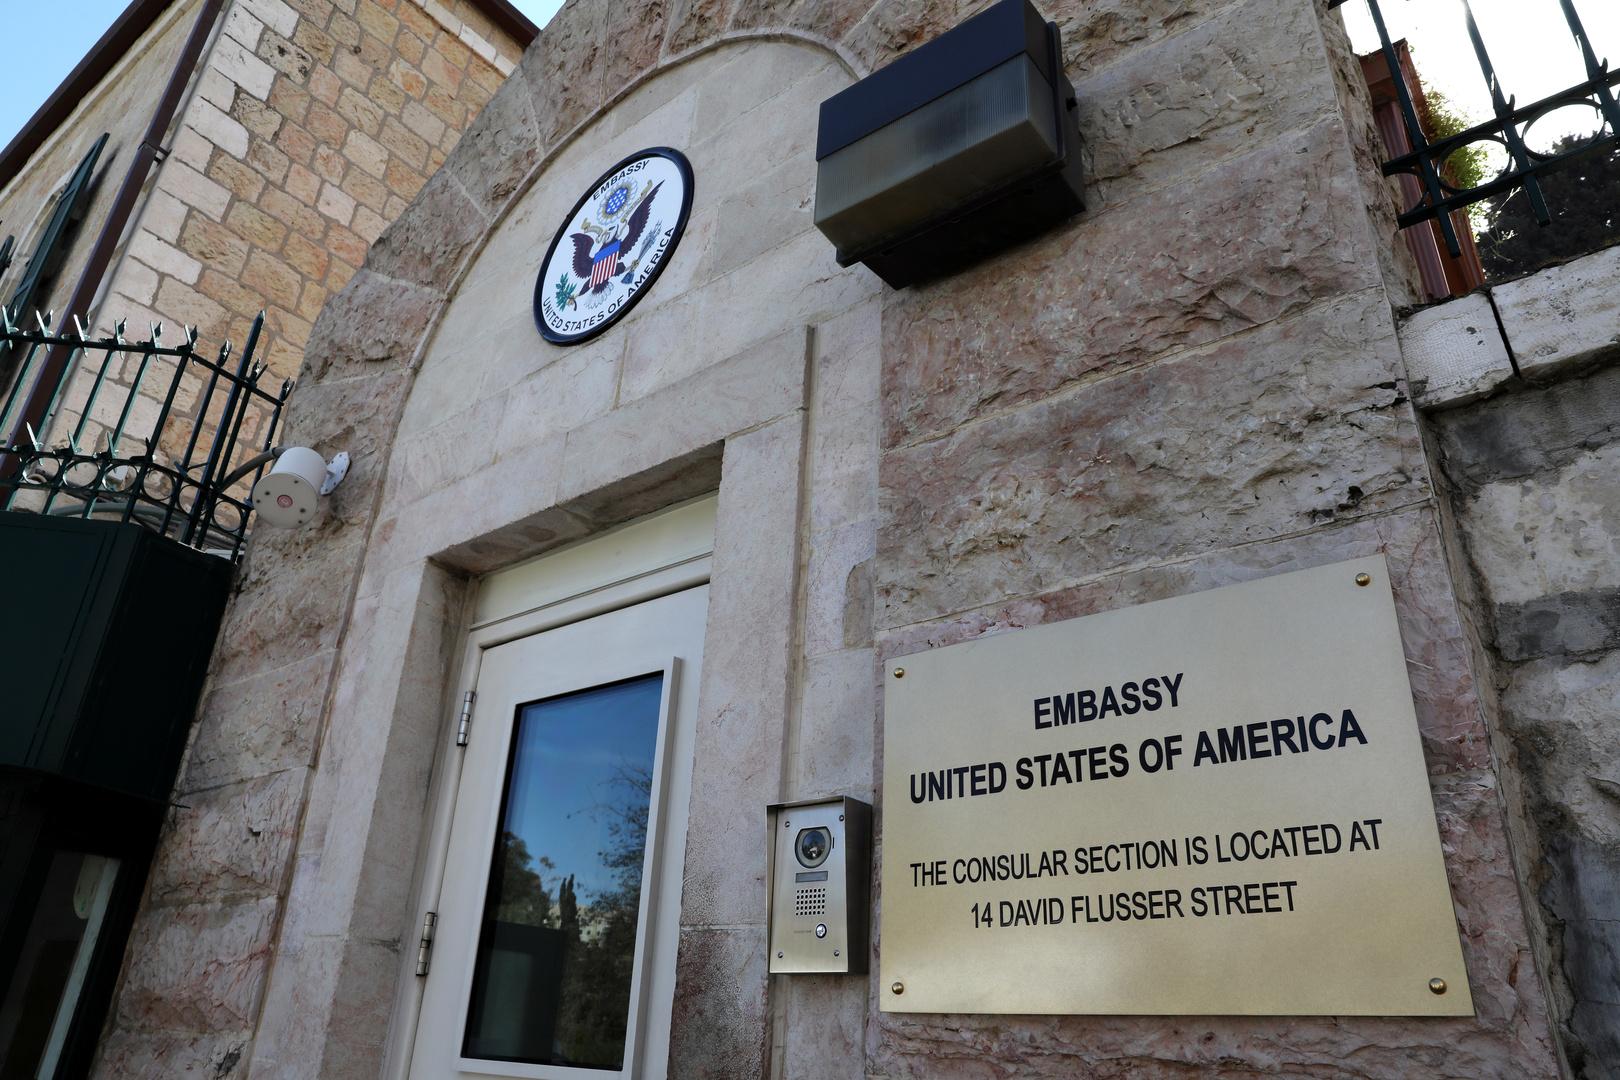 إسرائيل توافق على خطط توسيع السفارة الأمريكية في القدس